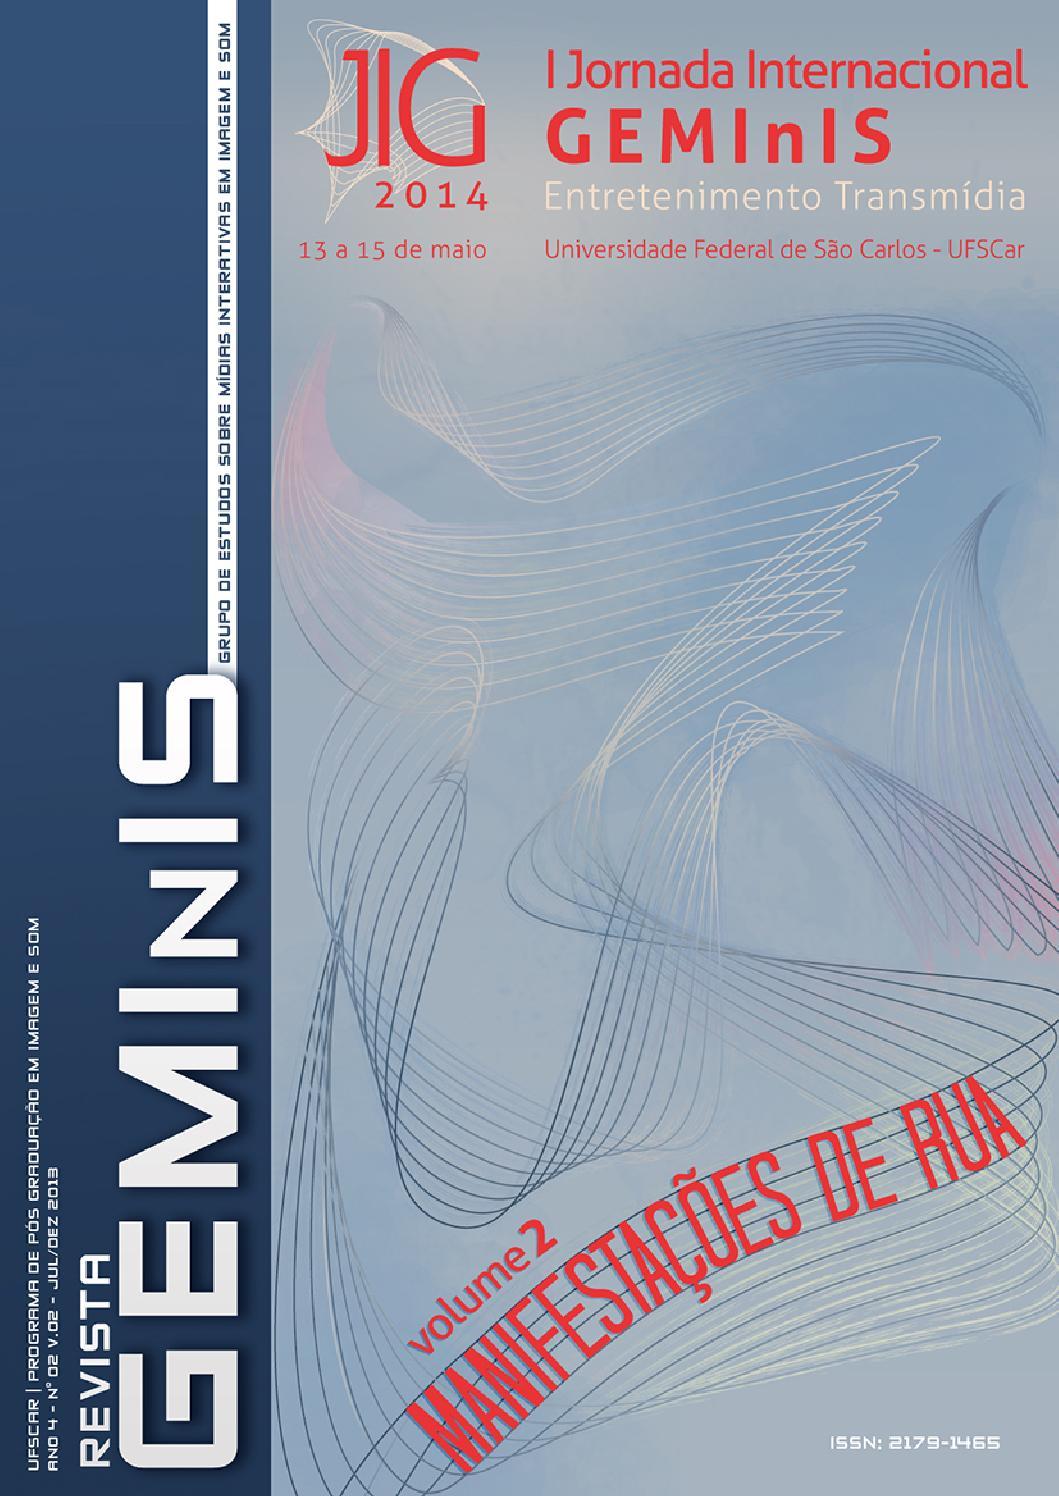 c7799d6c4 Revista GEMInIS